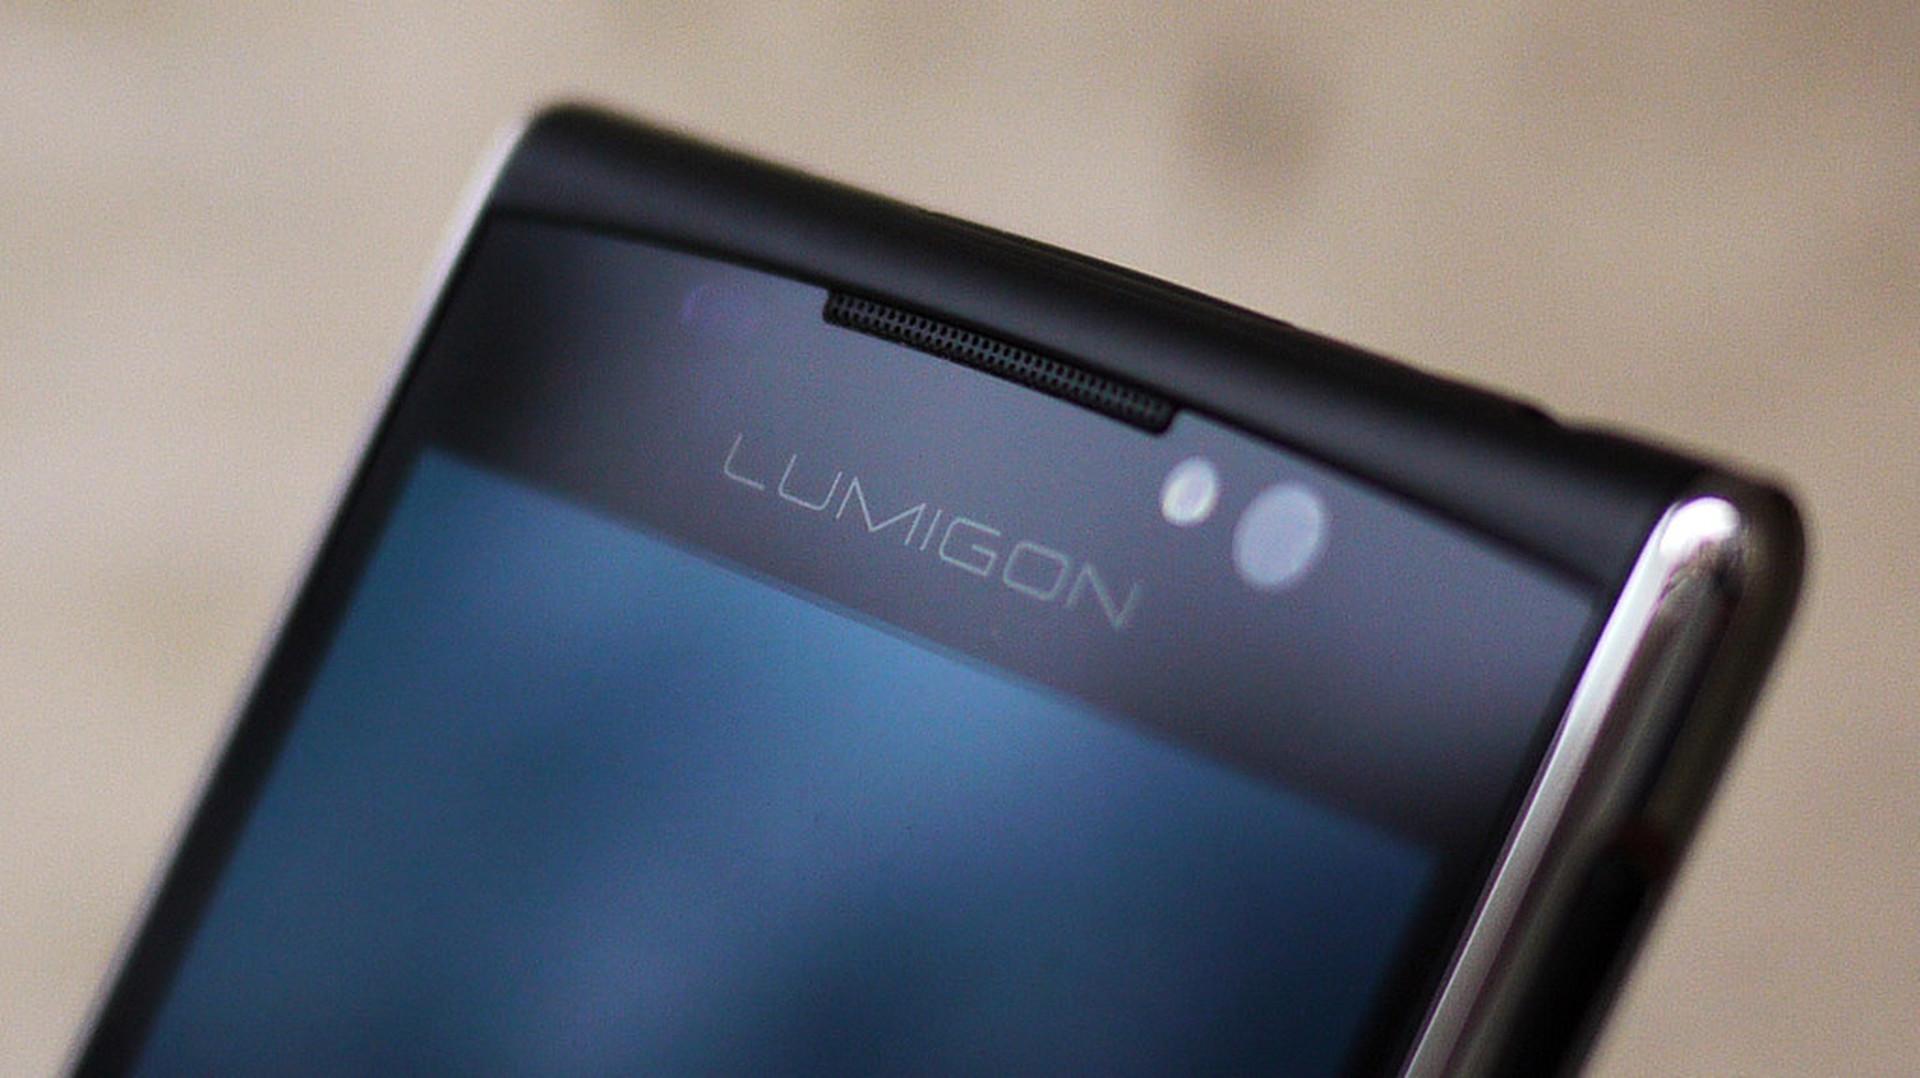 e6ac0f1d42547 Этот премиальный смартфон из Дании первым в индустрии получил камеру  ночного видения. Его в остальном довольно скромная начинка явно диссонирует  с ...